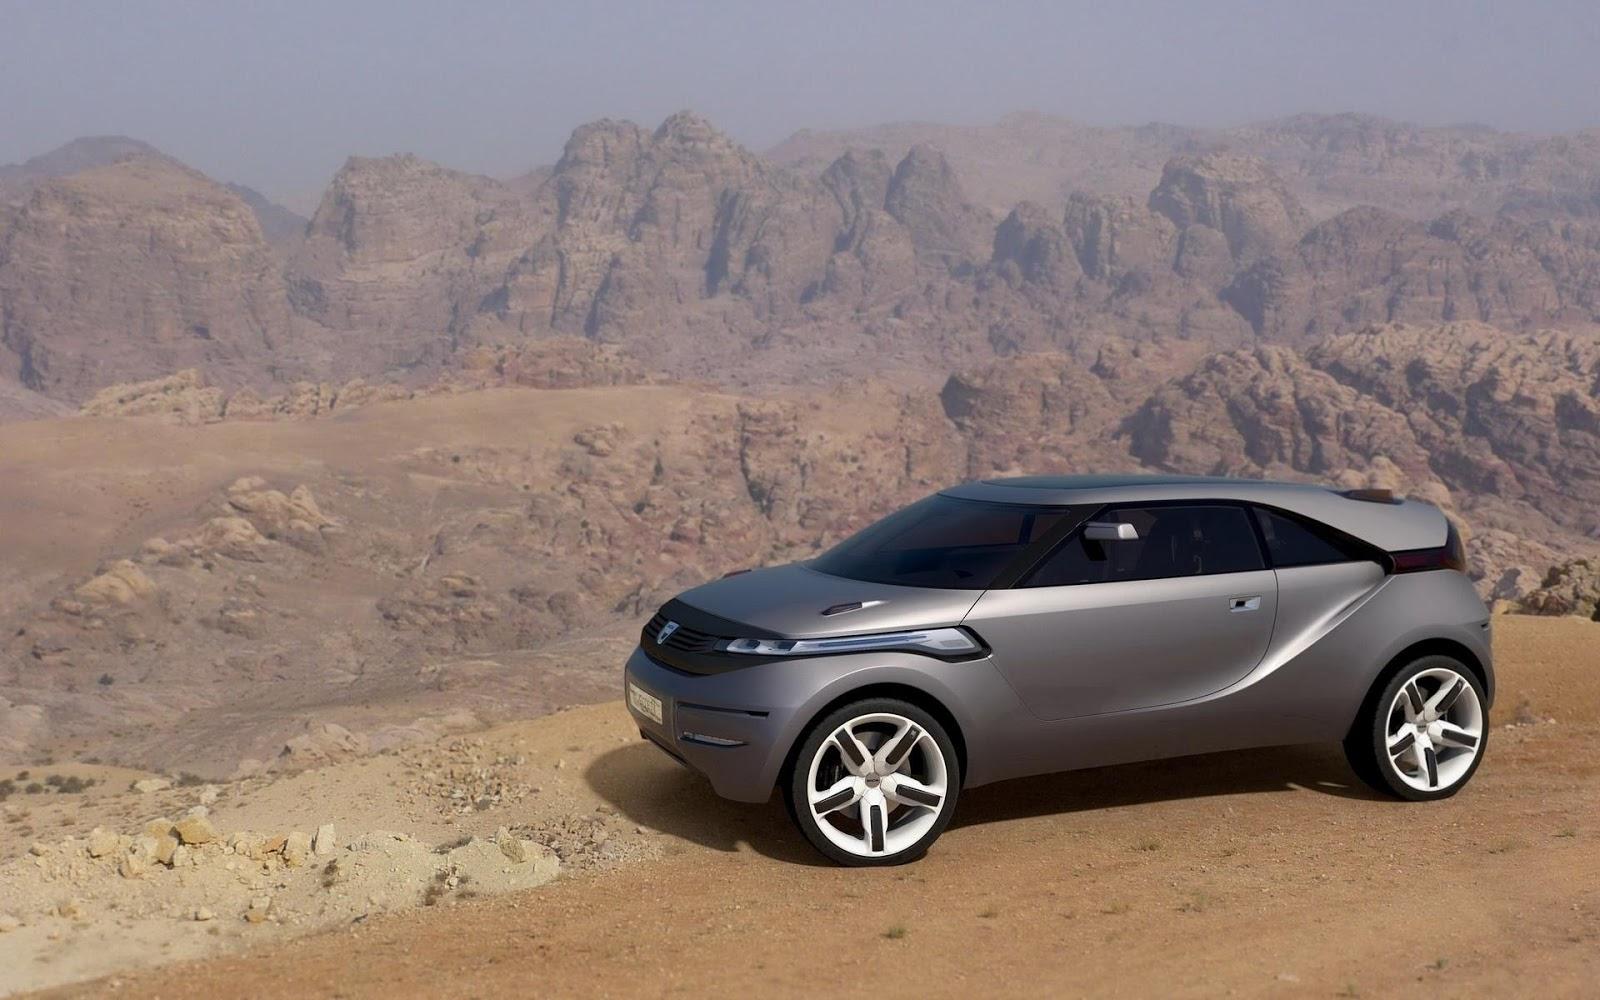 http://4.bp.blogspot.com/-h6t5KQQImU4/UPv6T9gl1mI/AAAAAAAAGAE/SQ9DomlwpXk/s1600/car+hd.jpg